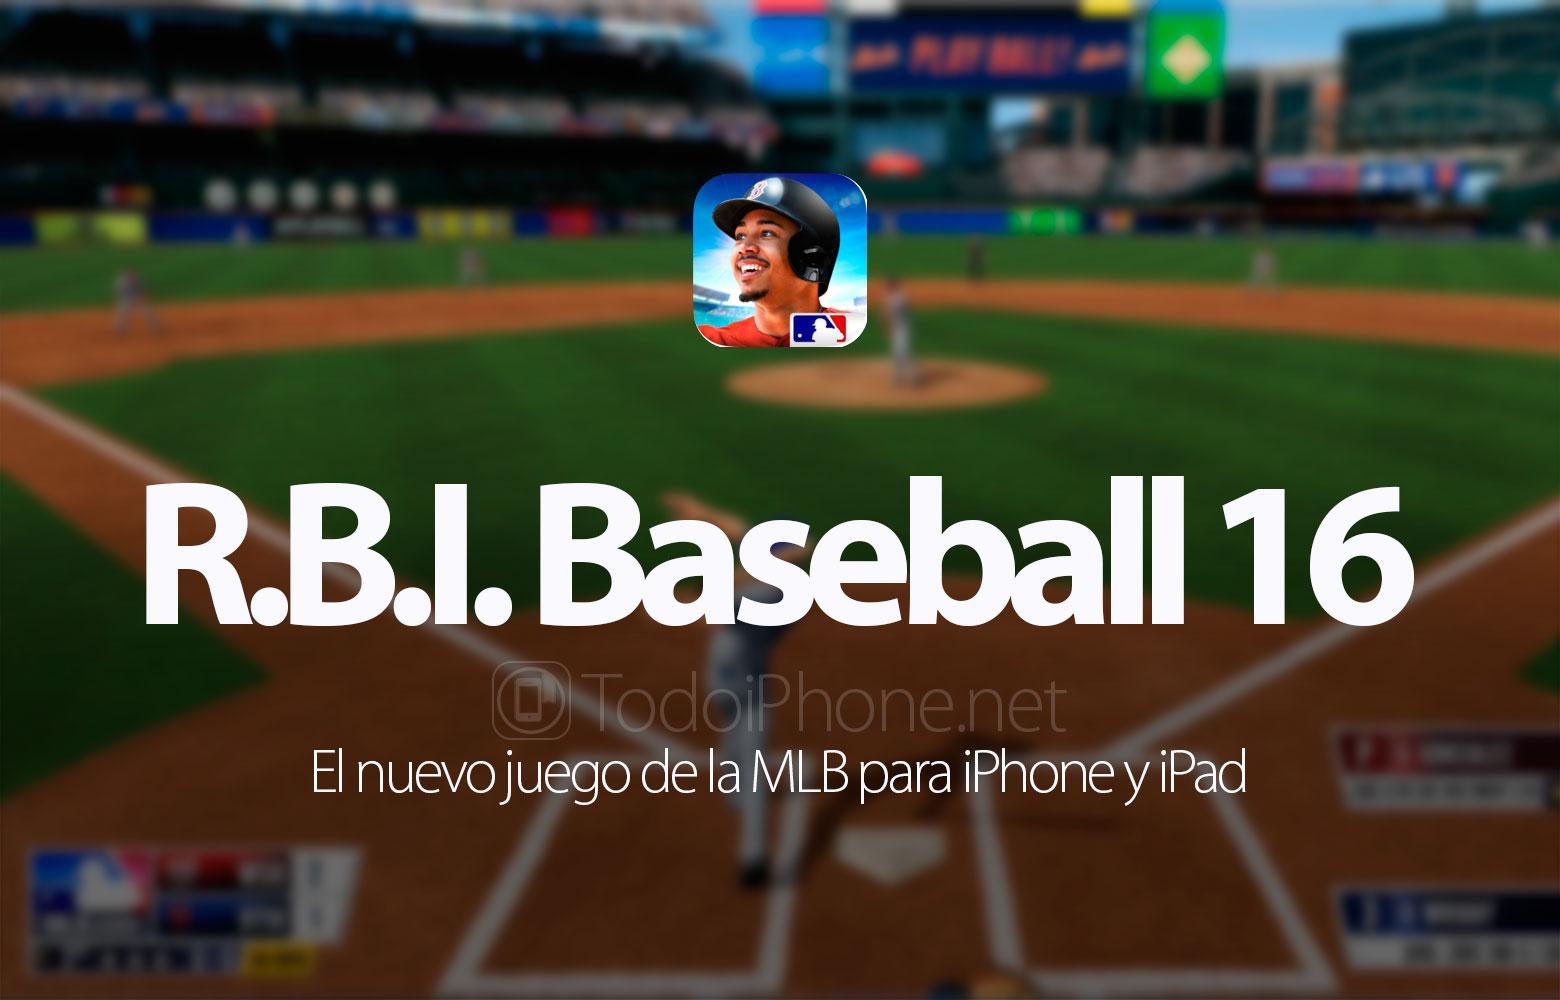 r-b-i-baseball-16-iphone-ipad